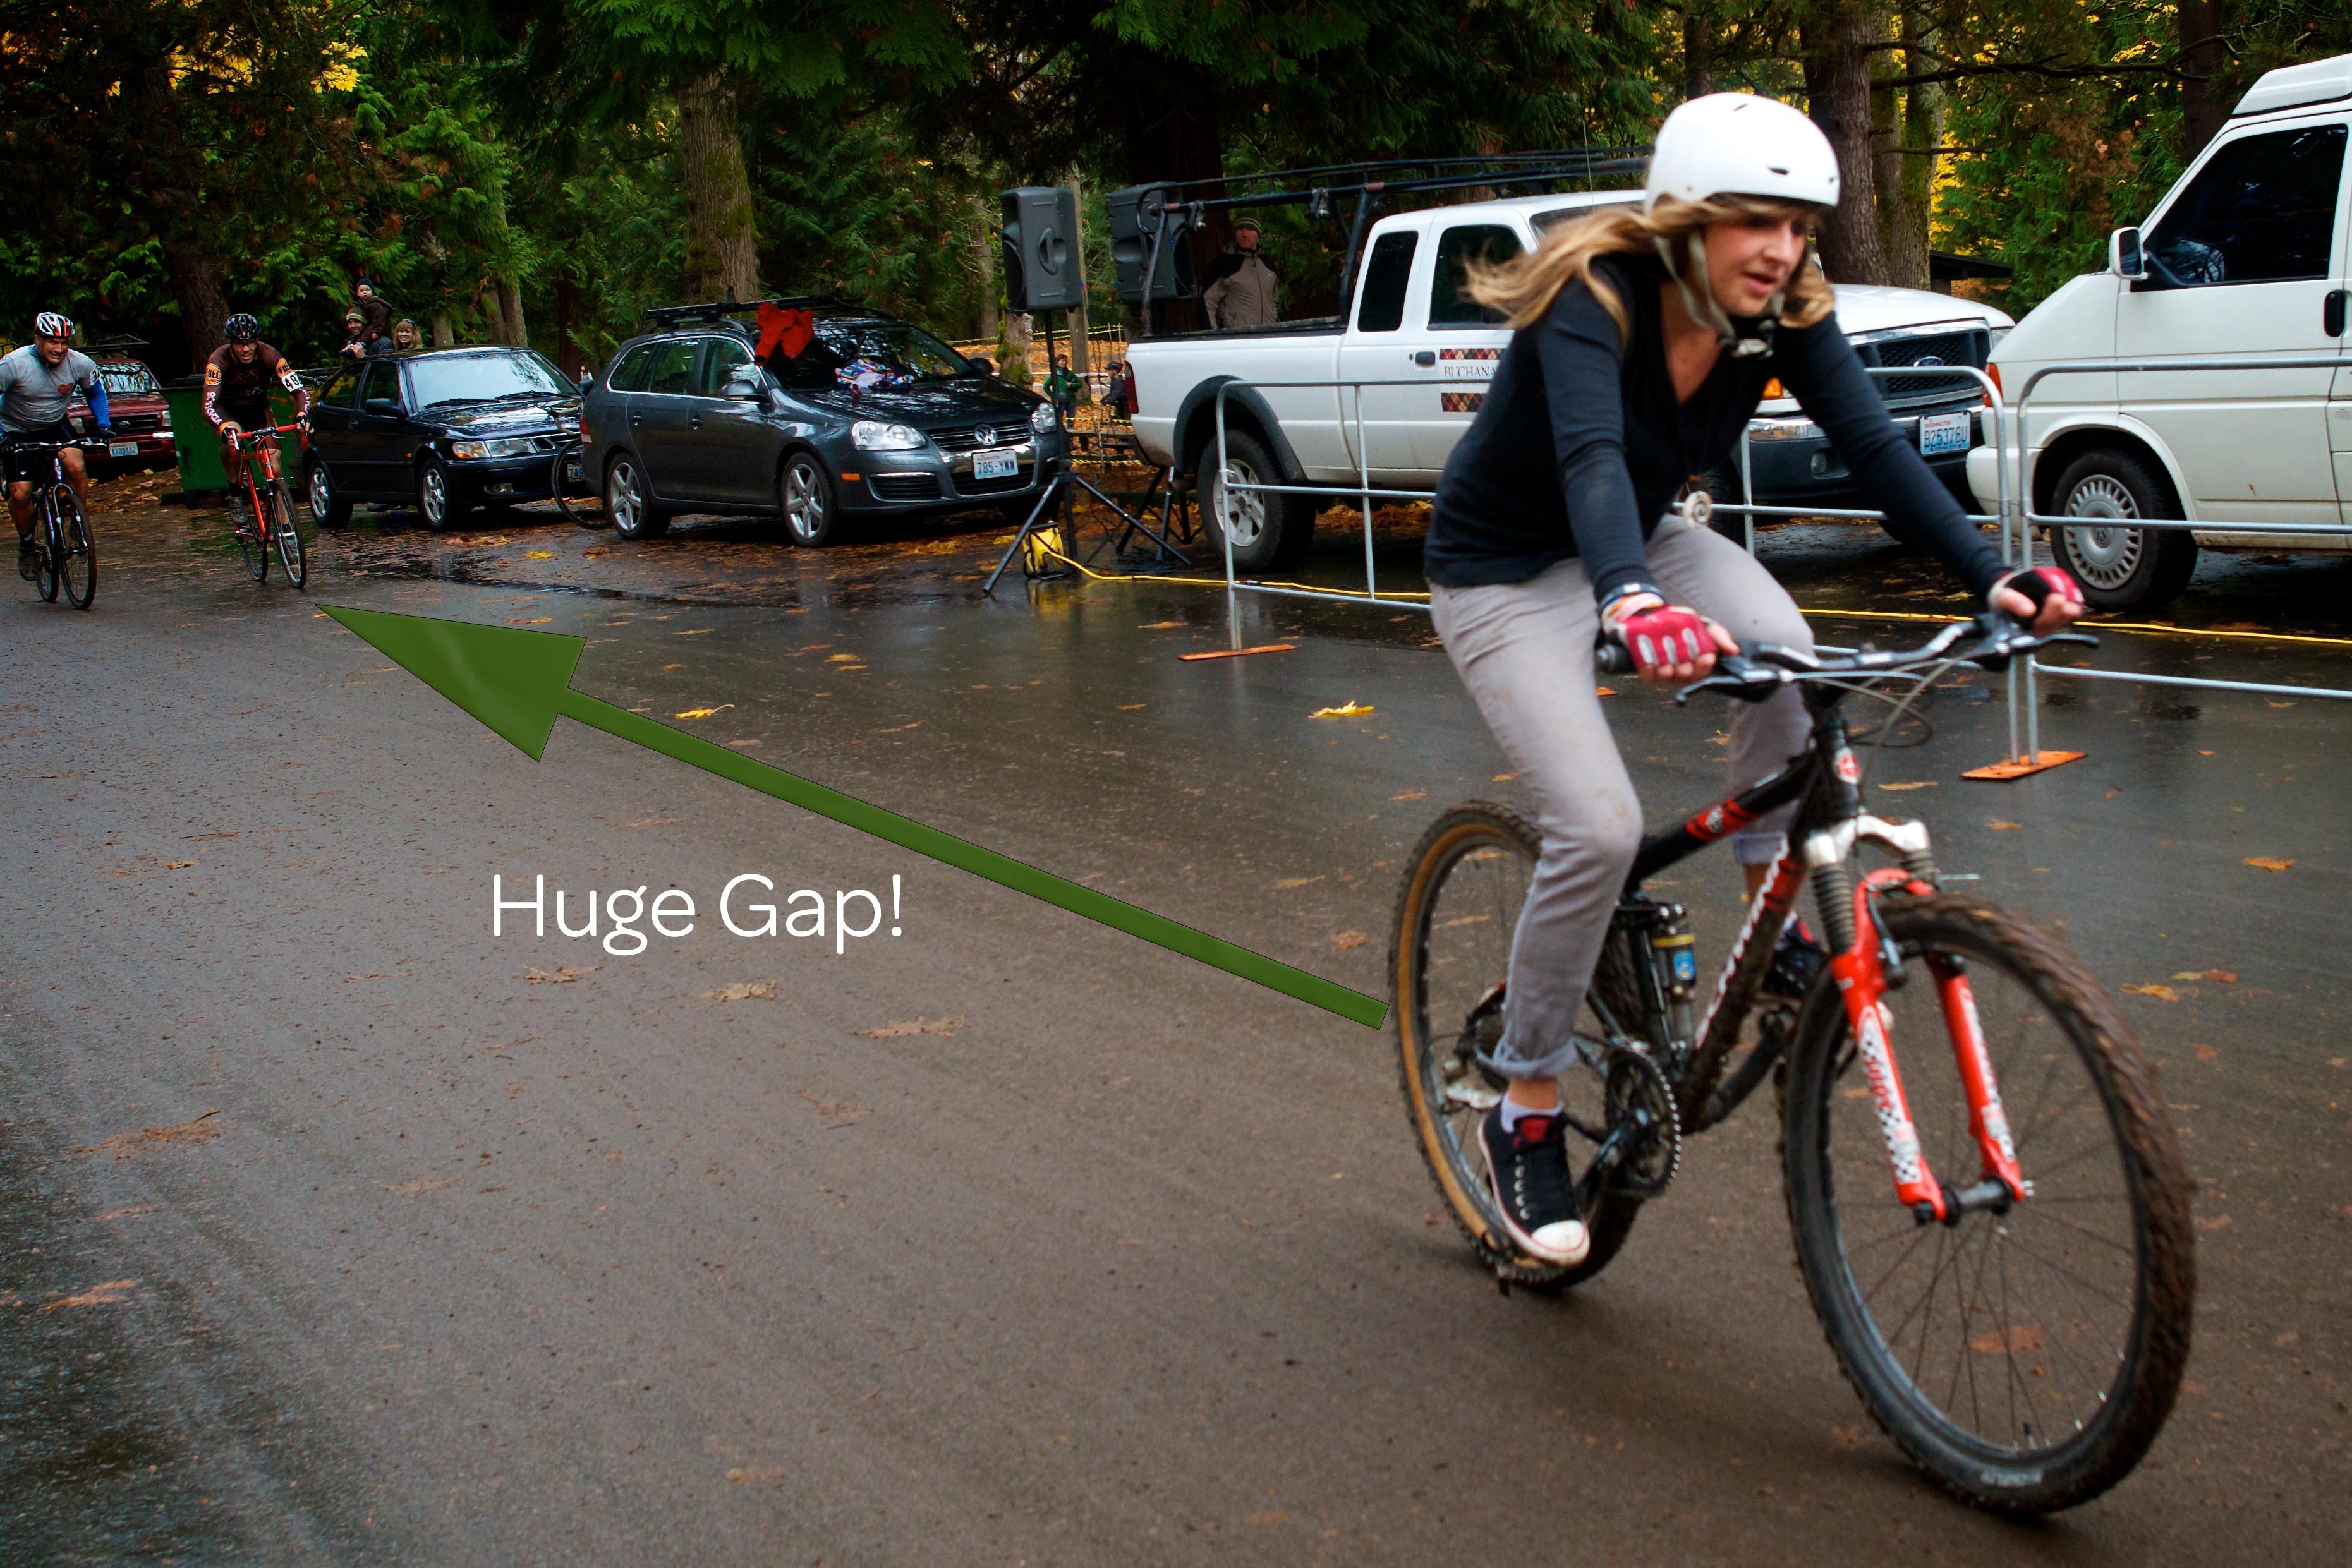 Huge Gaps!